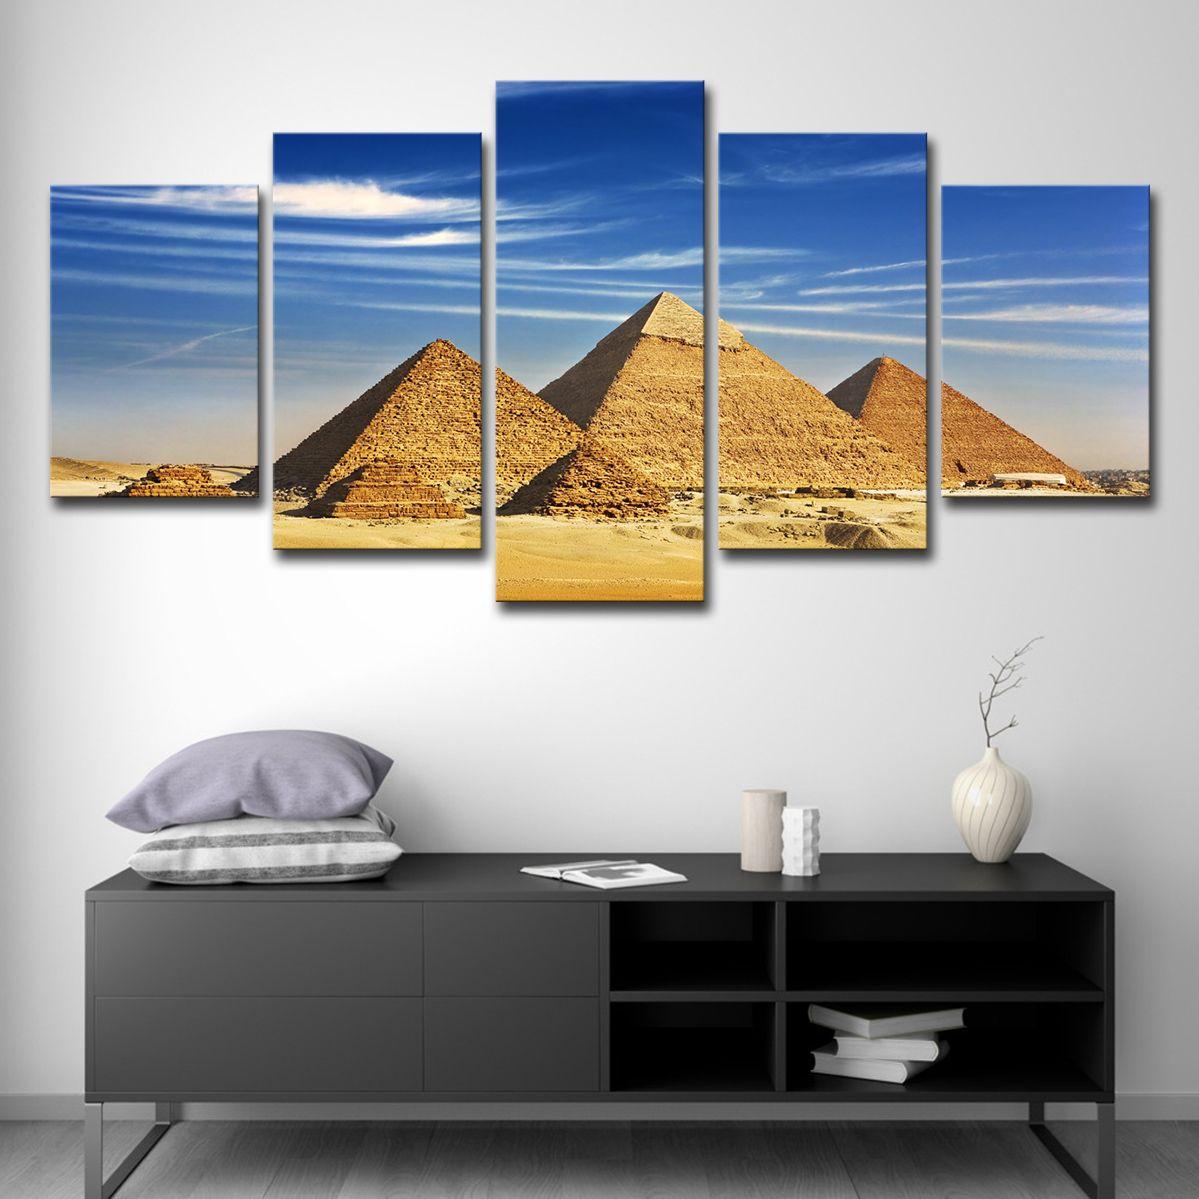 Satın Al 5 Panel Mısır Piramitleri Resim Modern Soyut Resim Boyama